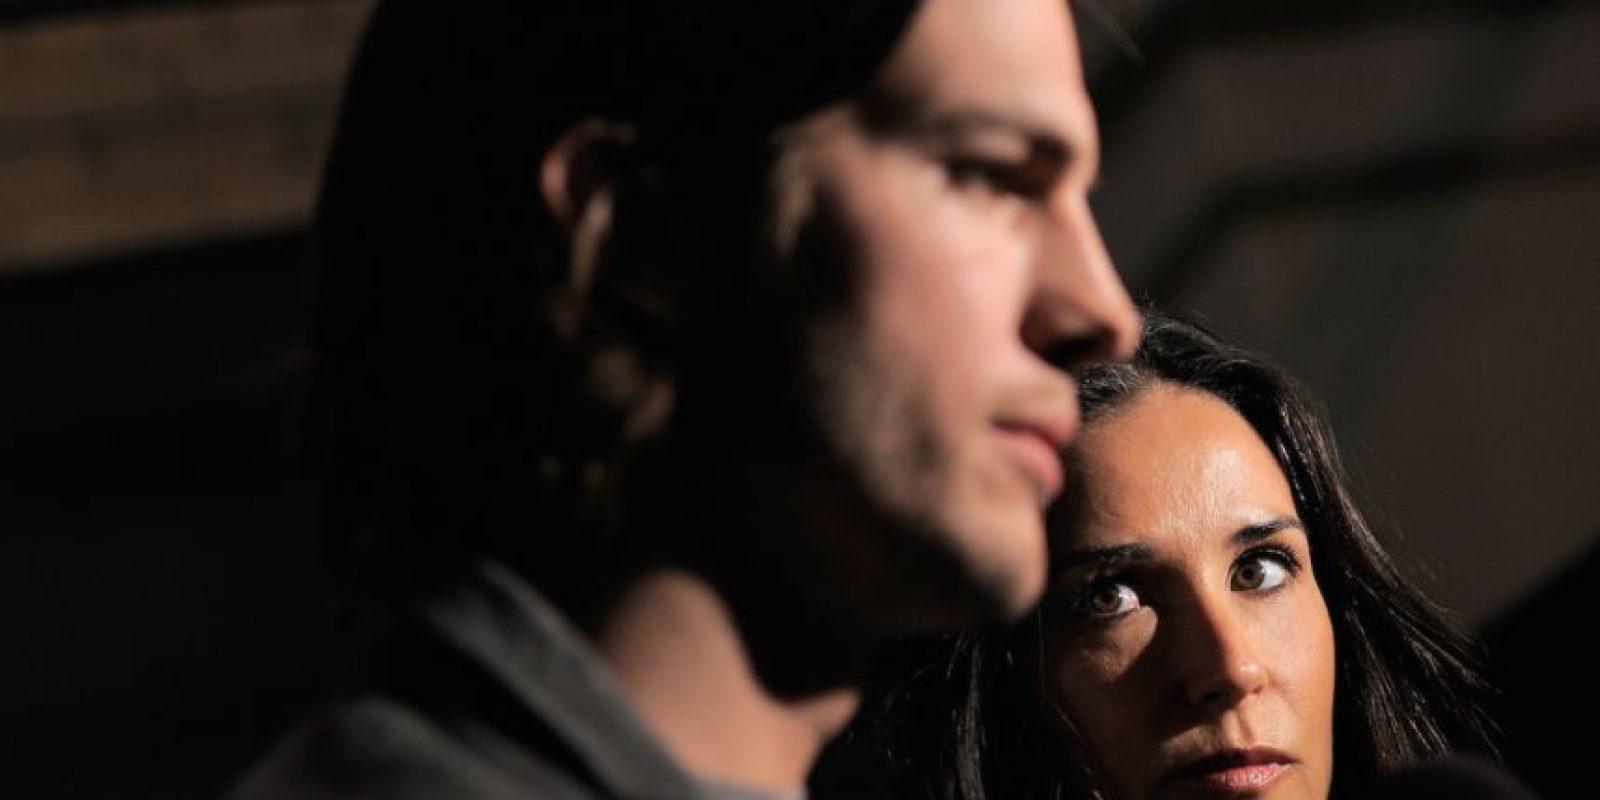 Pero Ashton le fue infiel en su aniversario. Con una joven. Foto:vía Getty Images